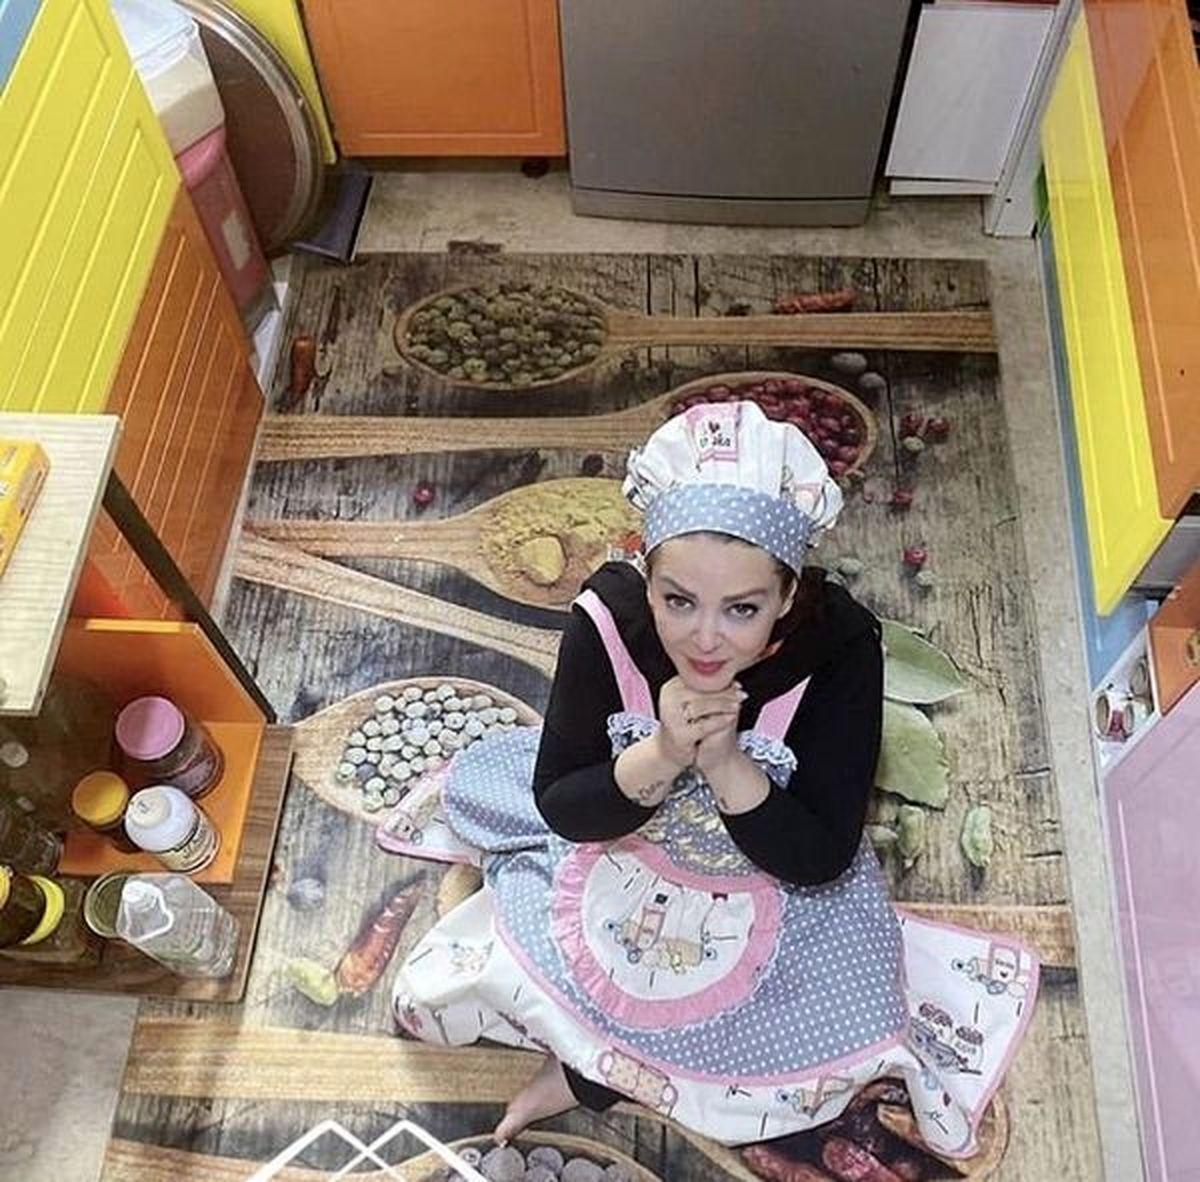 تیپ و لباس عروسکی بهاره رهنما در آشپزخانه لوکسش / عکس